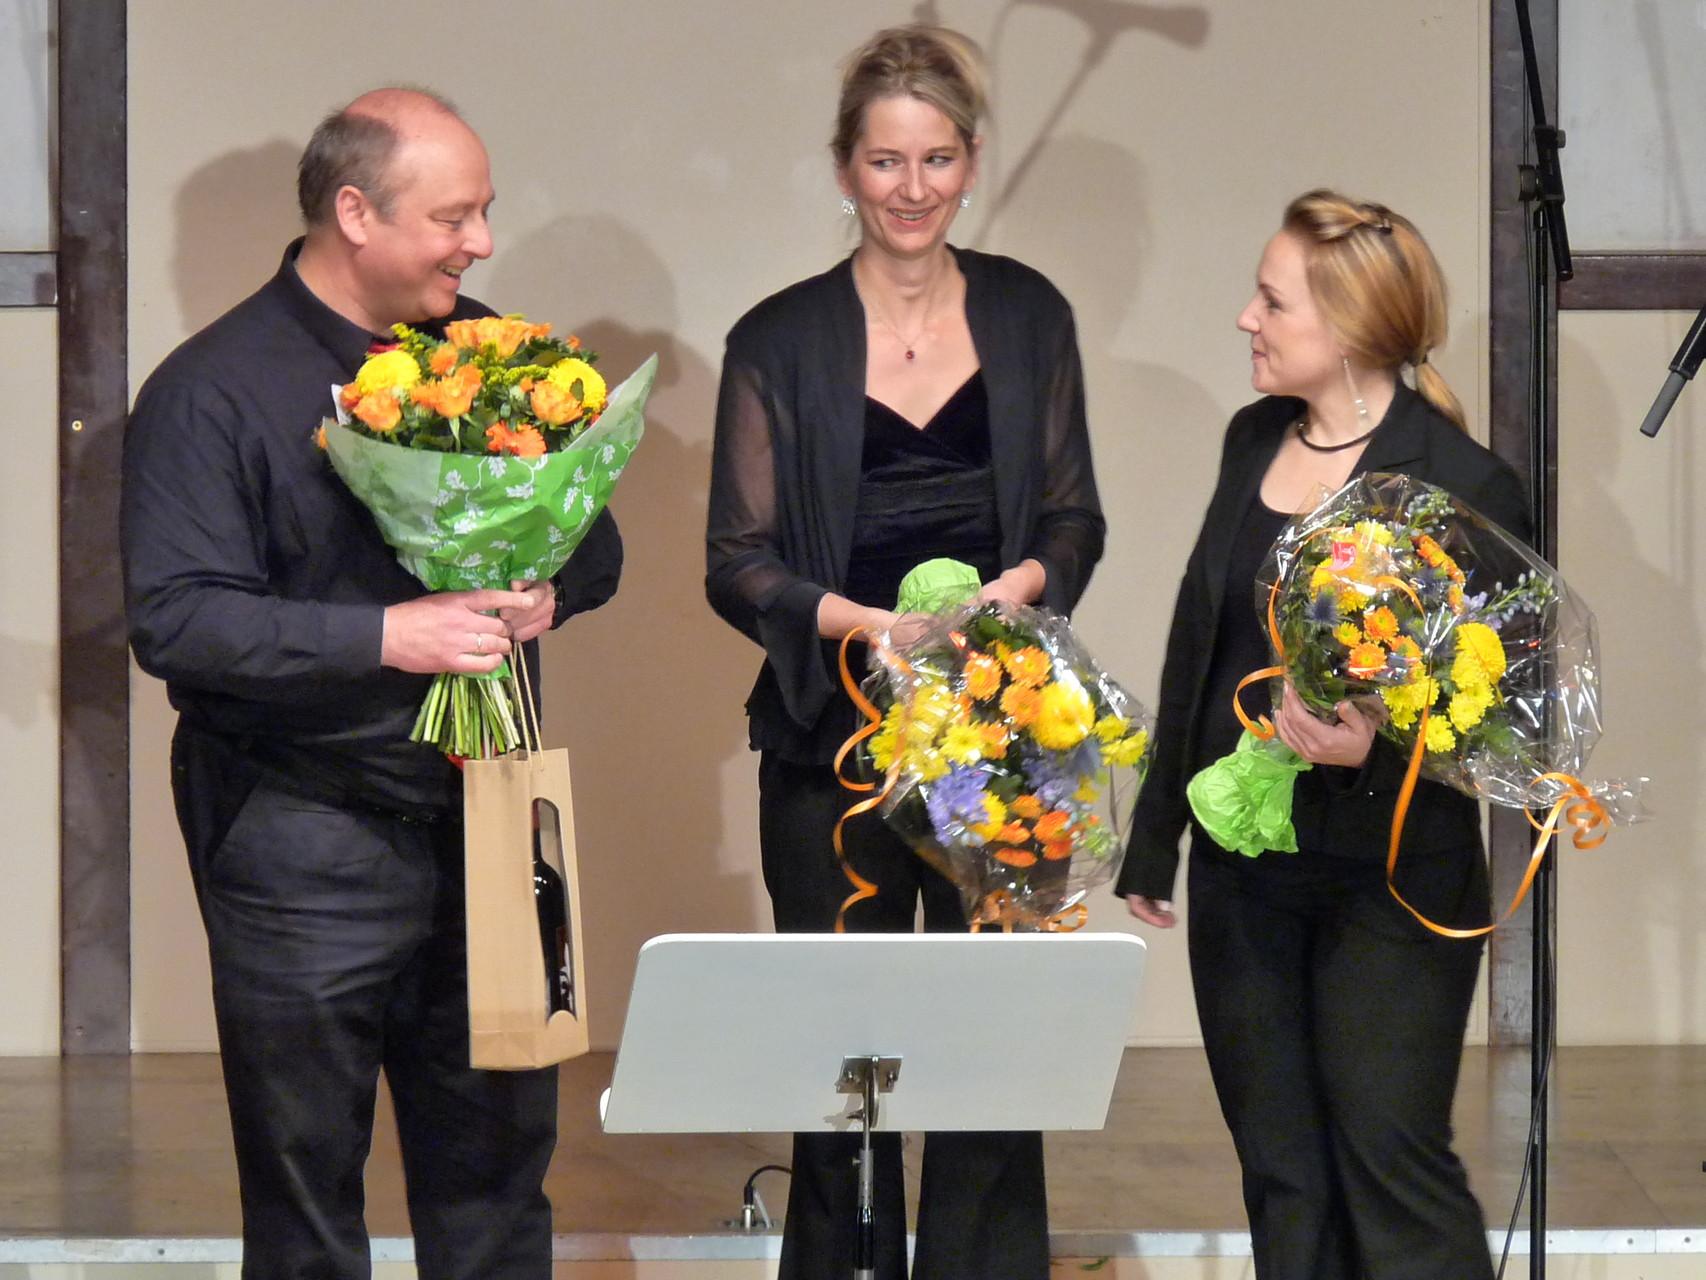 Zwischentöne-Chorleiter Frank Eckhardt, Dur&Moll-Chorleiterin Helga Liewald, Sing'n'Swing Chorleiterin Karin Späth